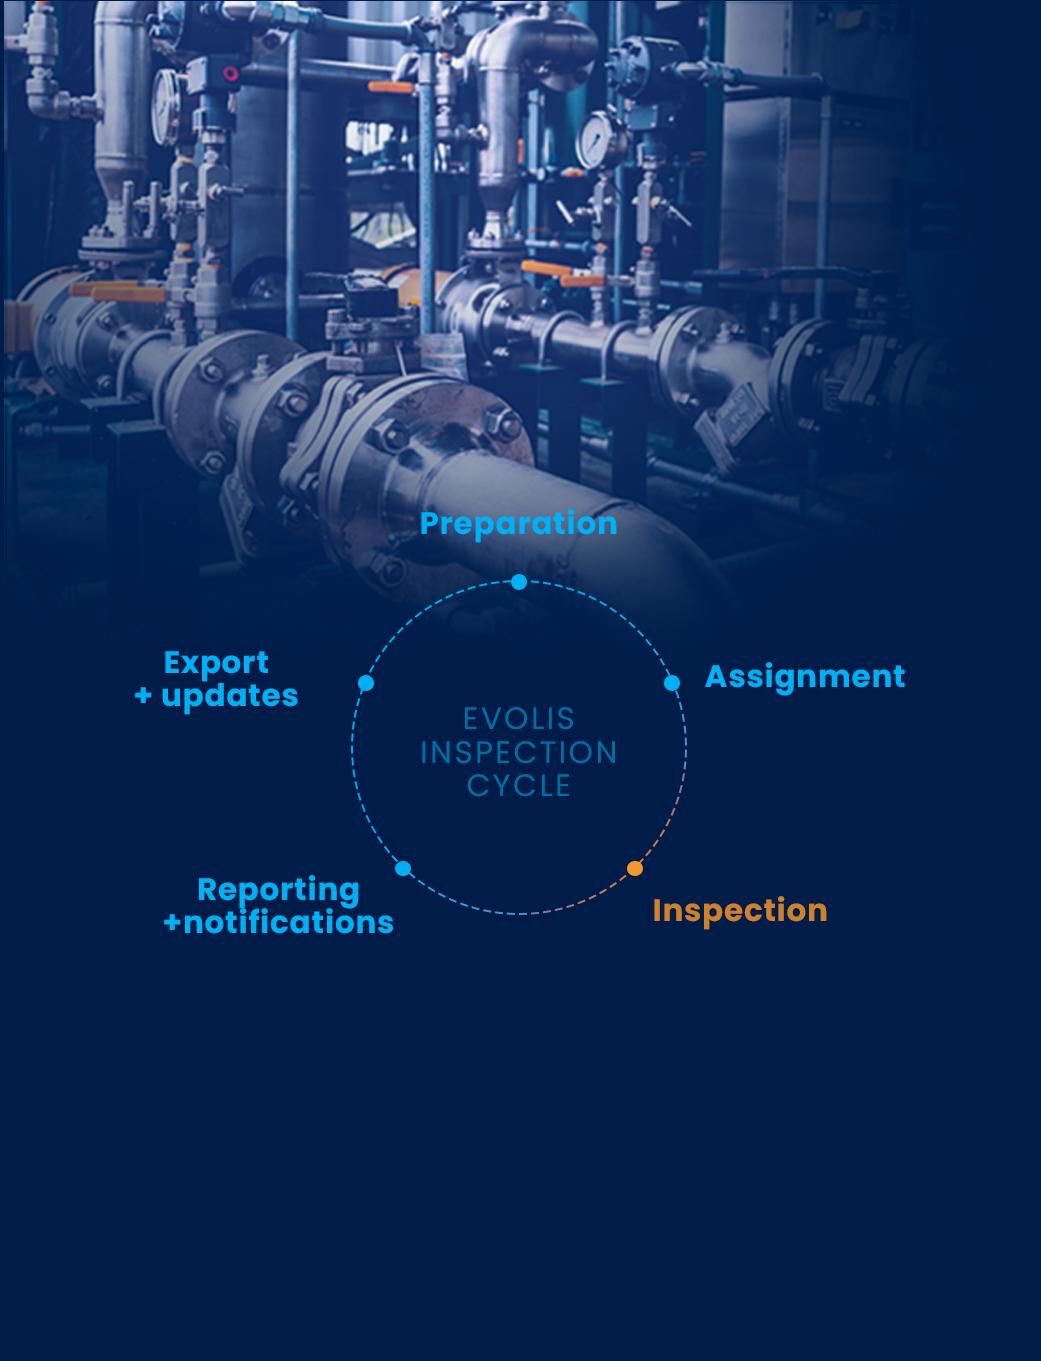 logiciel gestion inspection industrielle | Evolis,une solution de Simesys Inspection application | Evolis optimizes the industrial inspection process